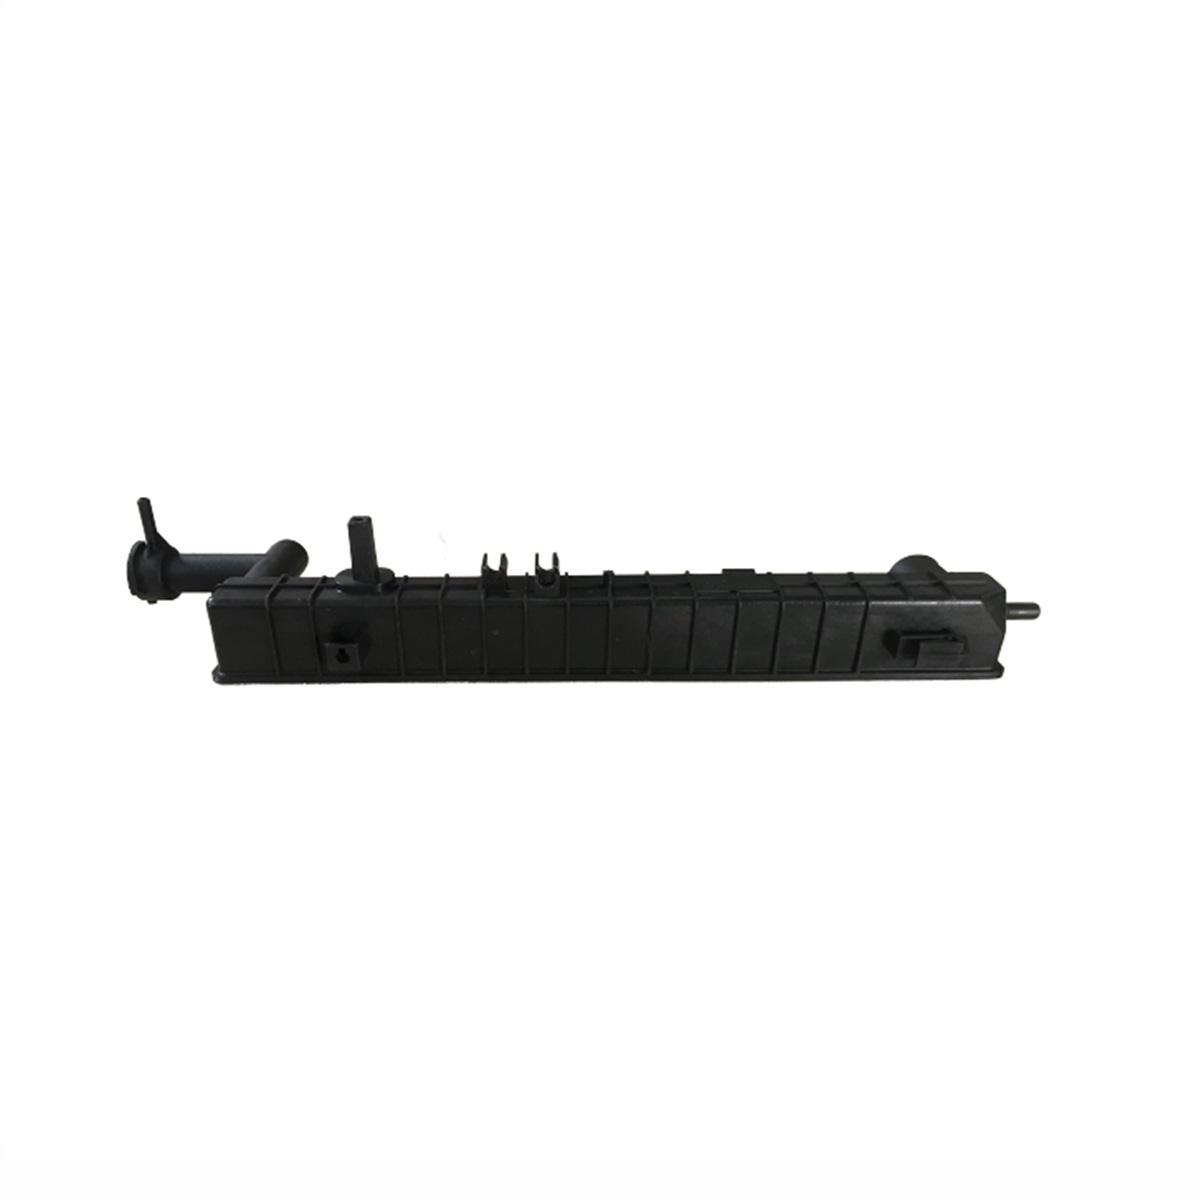 Caixa de Radiador Superior Hyundai Tucson / Kia Sportage C/Elemento Aberto 46mmx466mm